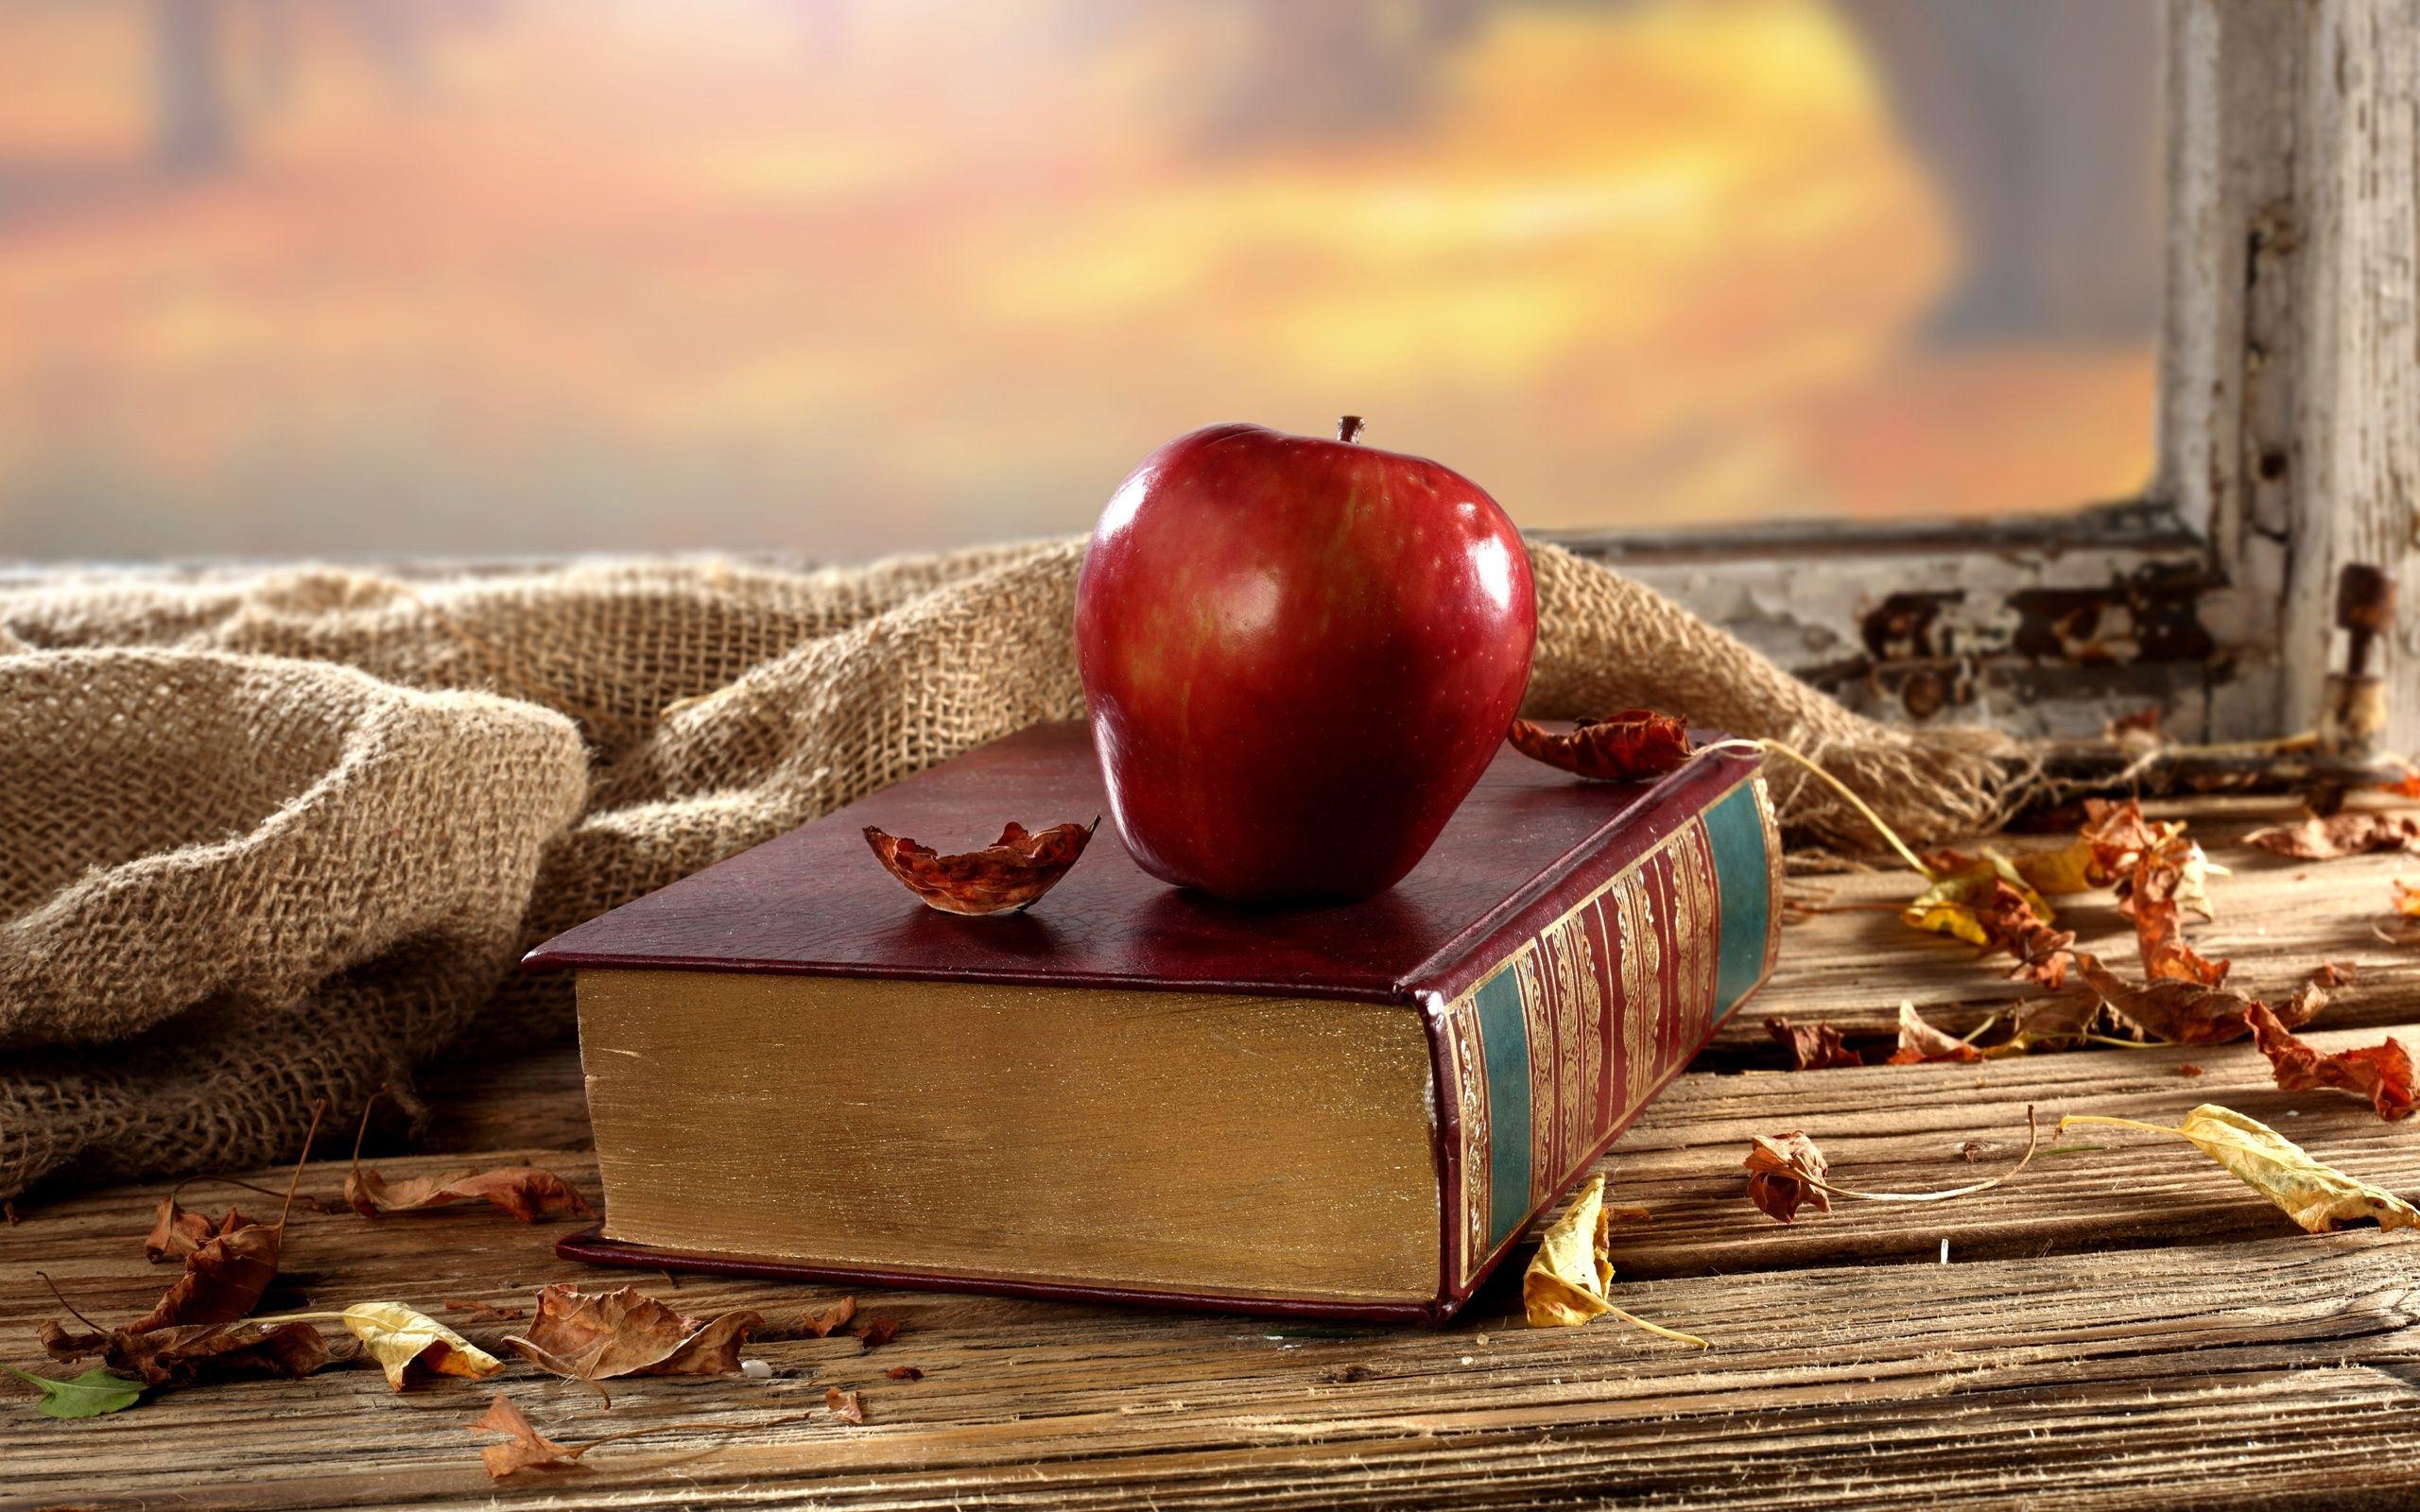 古い本 赤いリンゴ 机 窓 乾燥した葉 壁紙 2560x1600 壁紙ダウンロード 赤いリンゴ リンゴ 壁紙ダウンロード